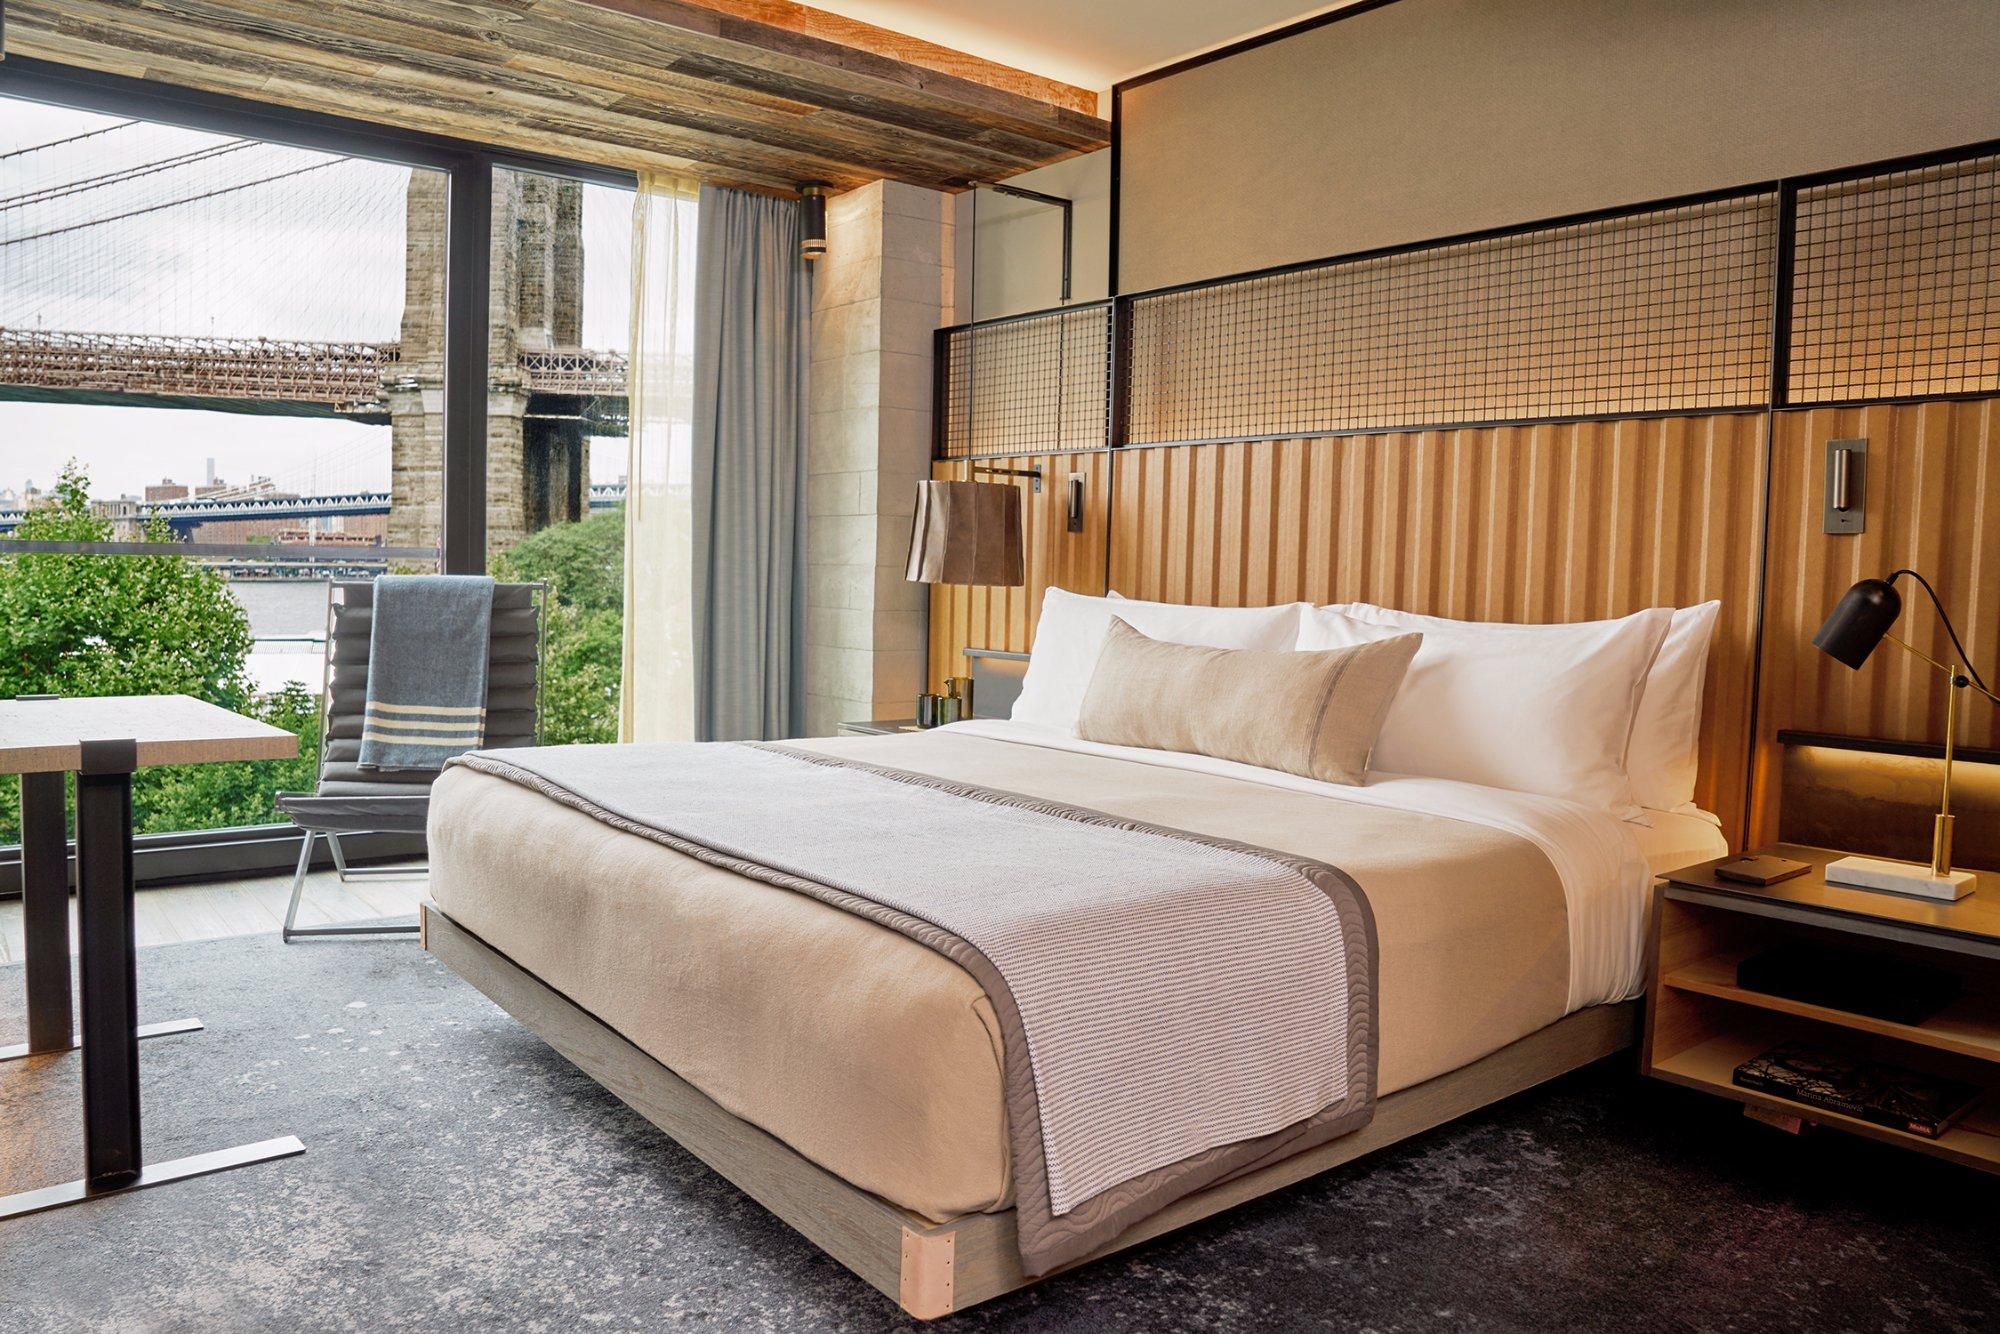 king-guestroom-at-1-hotel.jpg